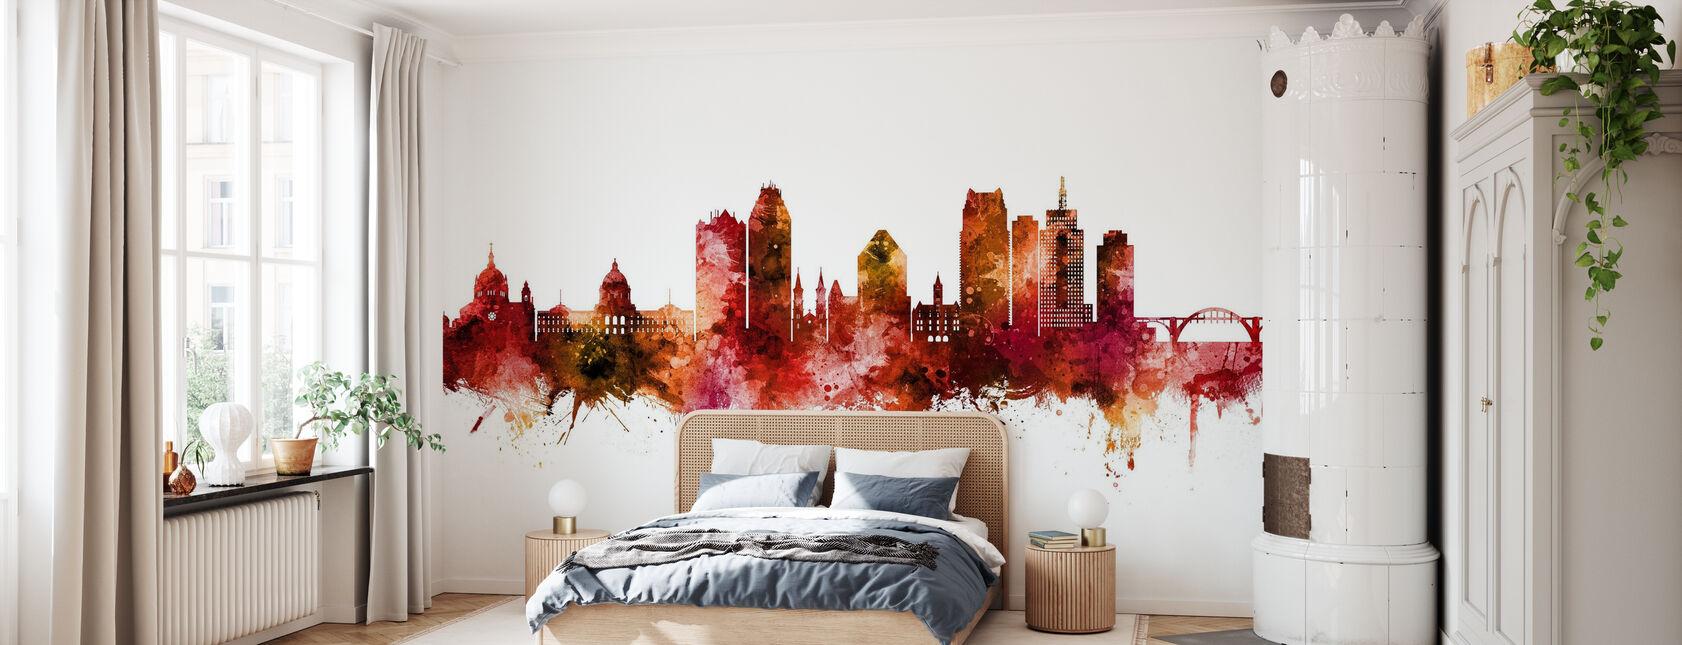 Saint Paul Minnesota Skyline - Wallpaper - Bedroom